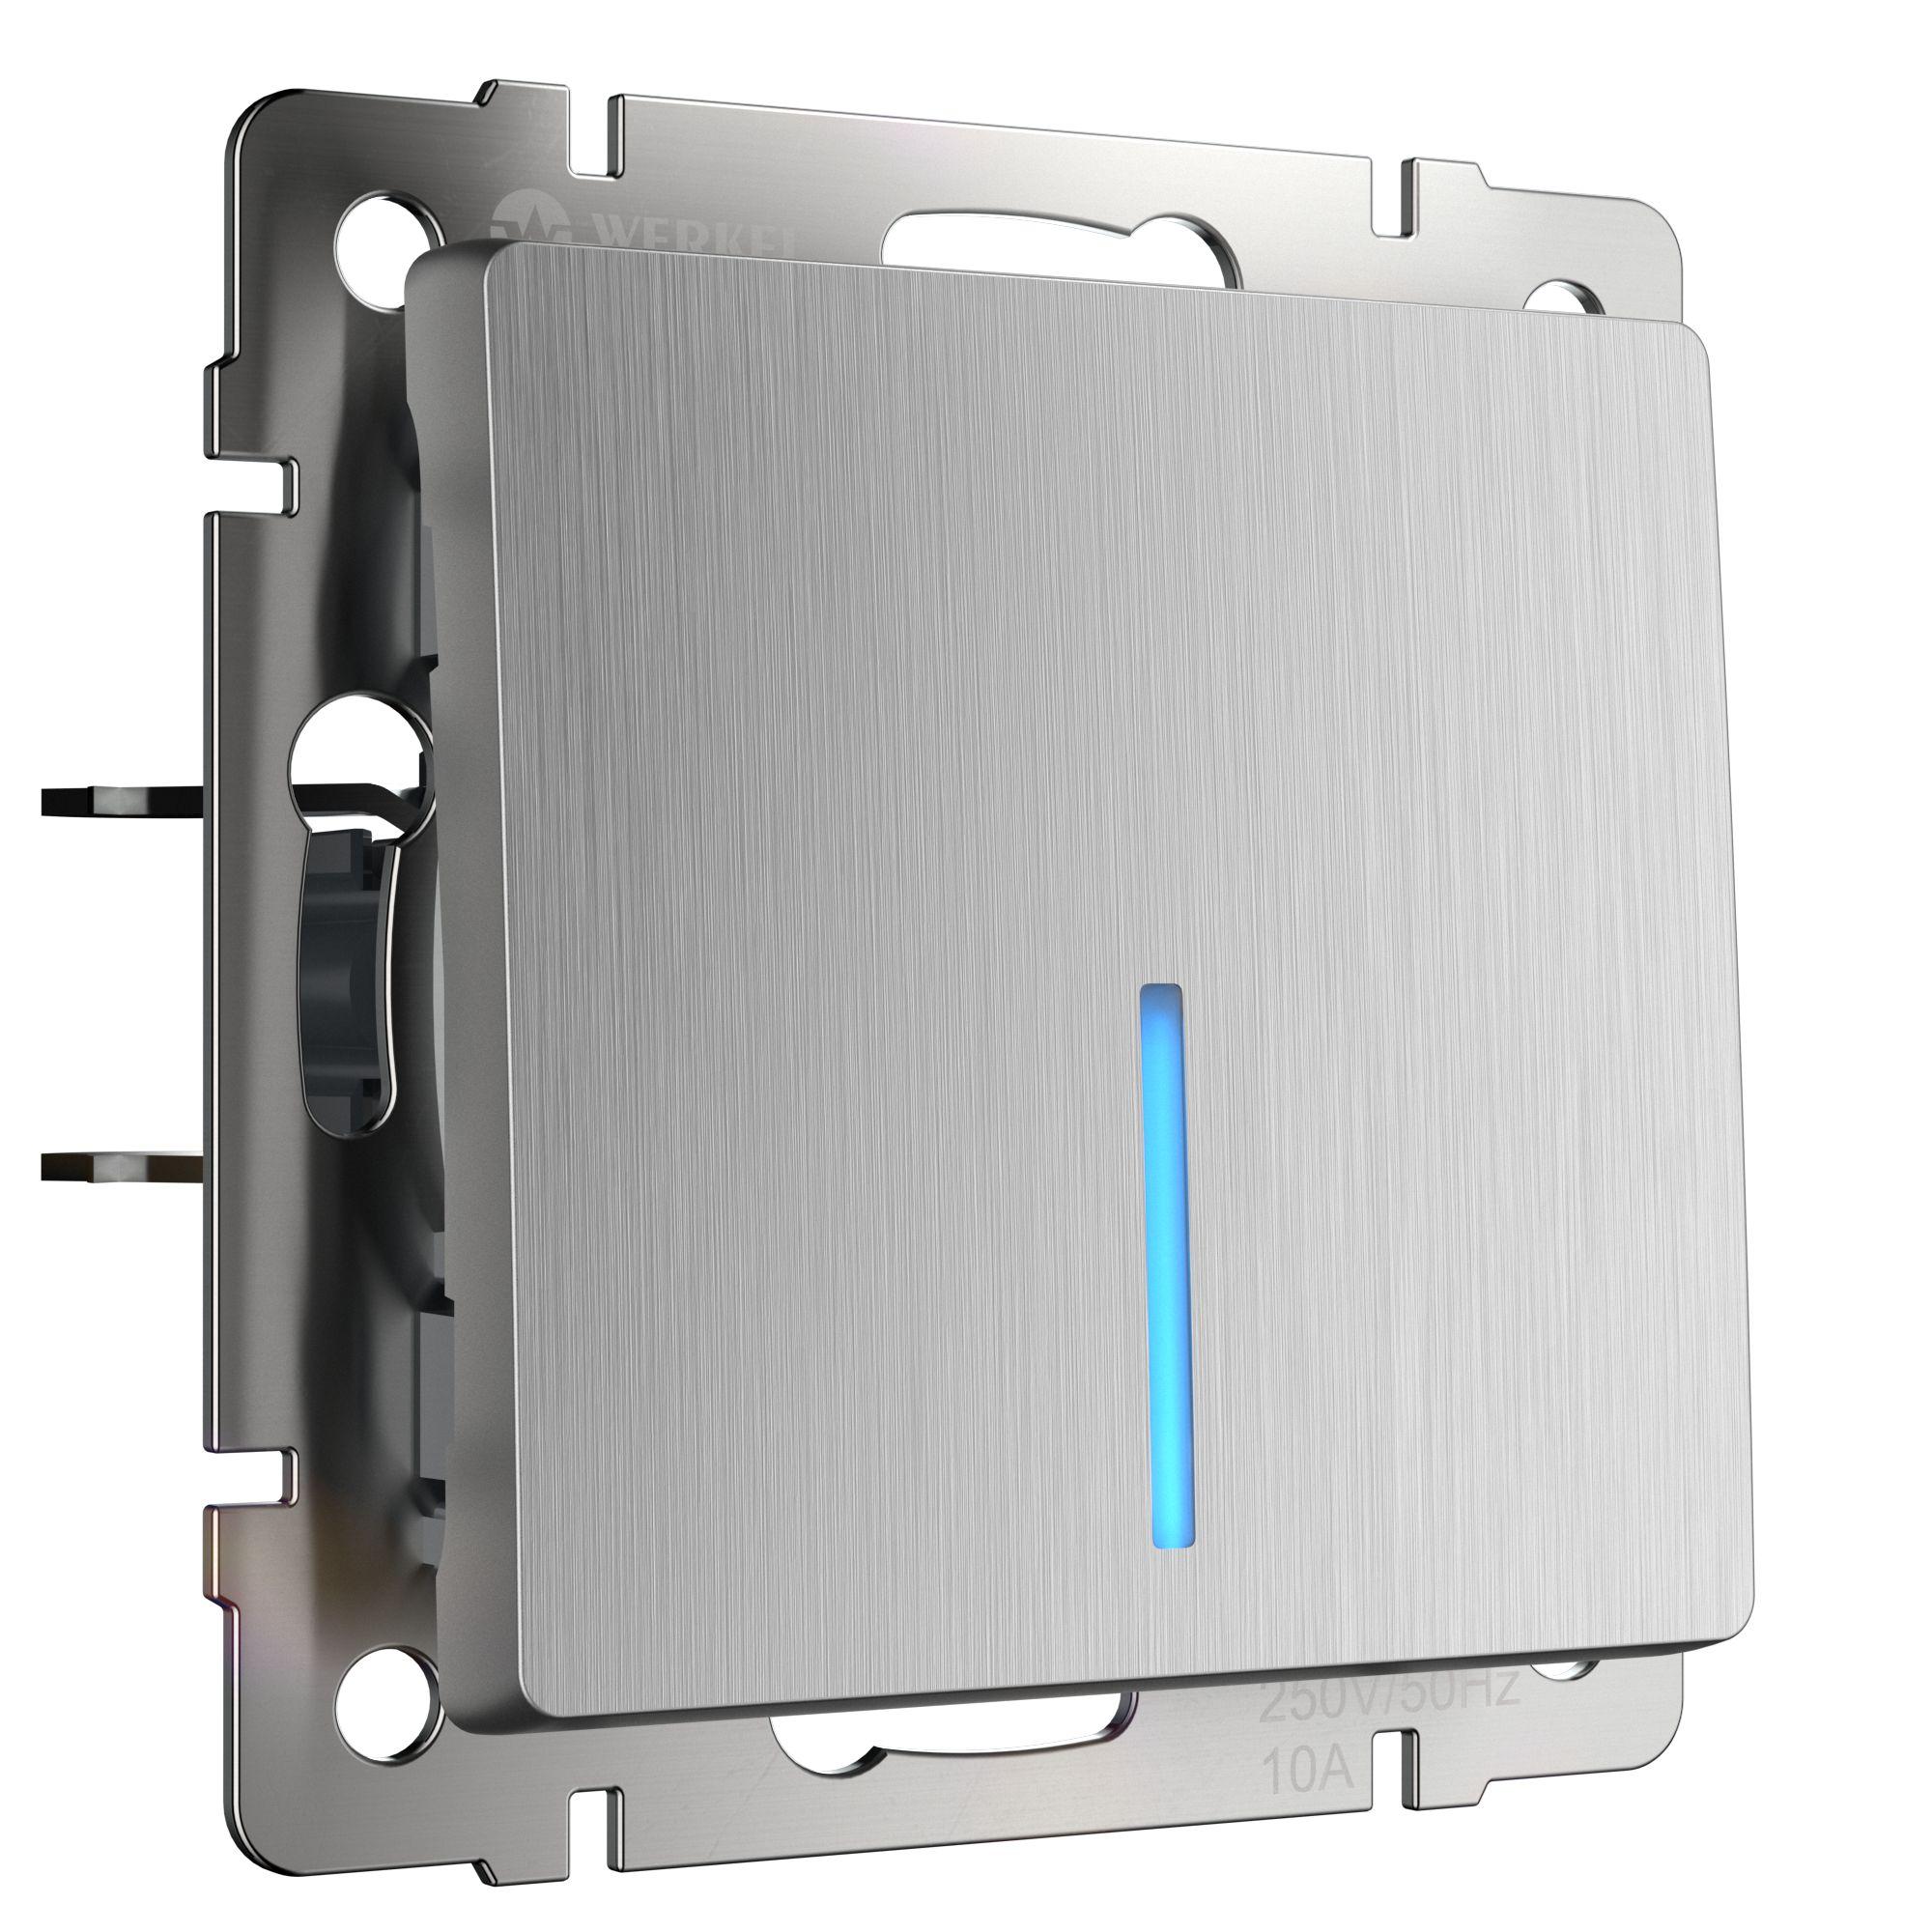 Выключатель одноклавишный с подсветкой (cеребряный рифленый) W1110109